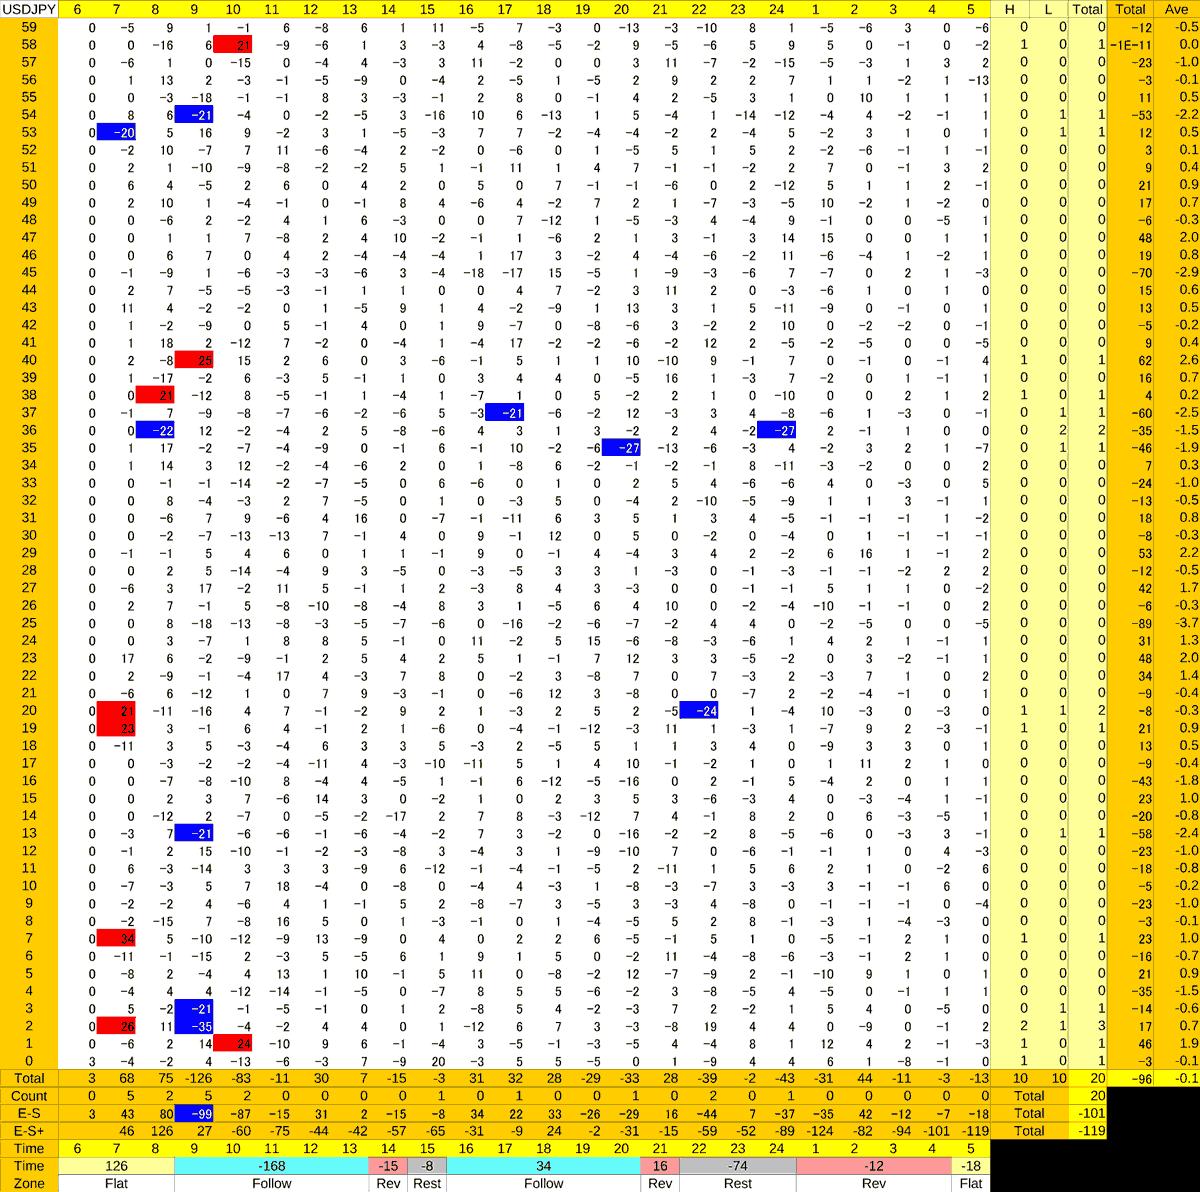 20210118_HS(1)USDJPY